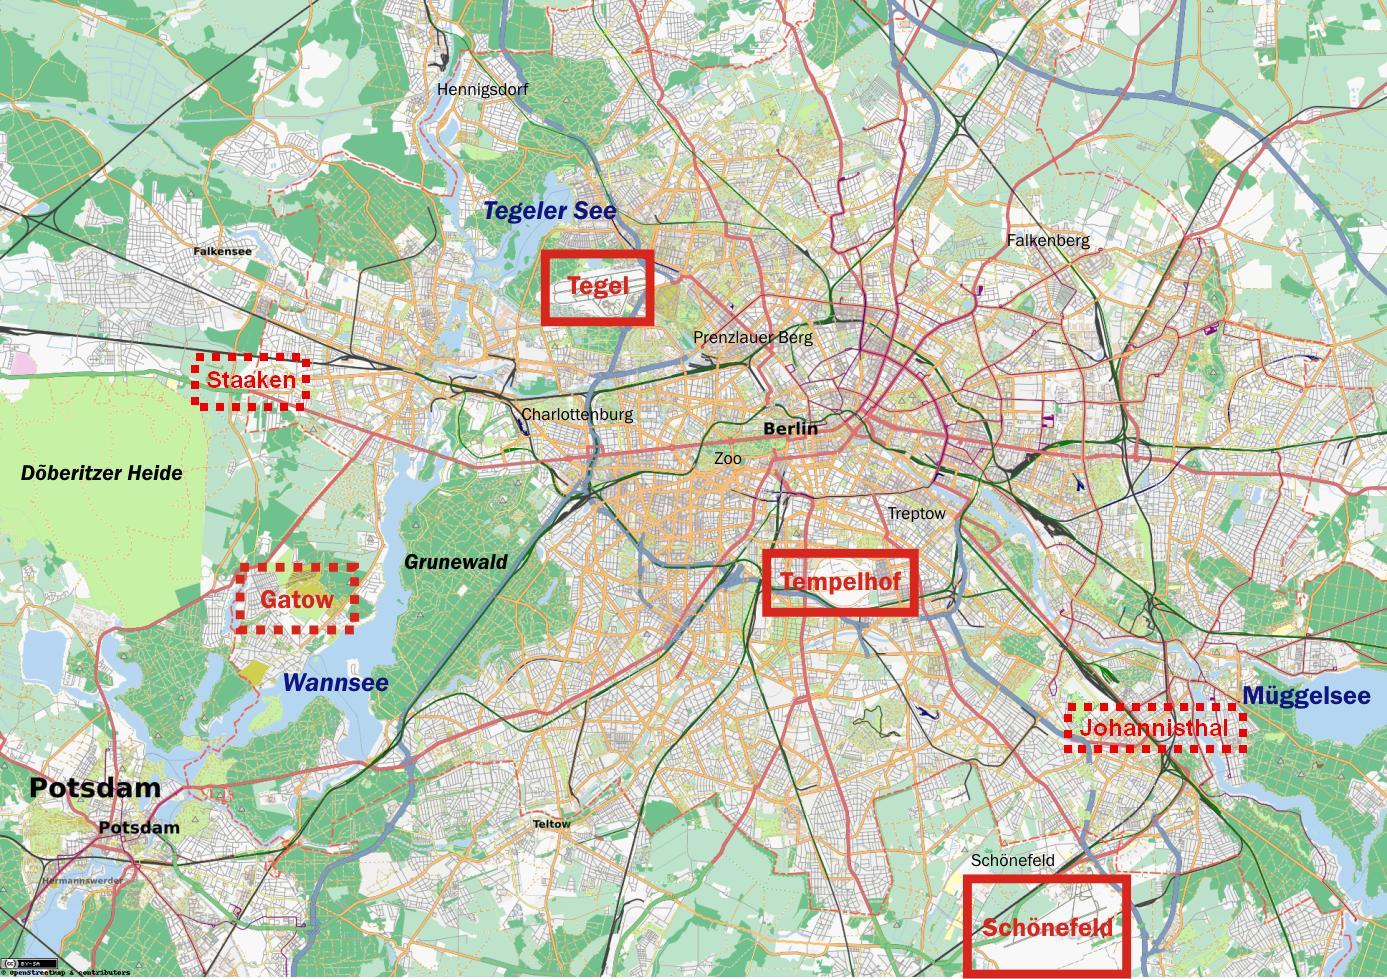 Kort Over Berlin Viser Lufthavne Kort Over Lufthavne I Berlin